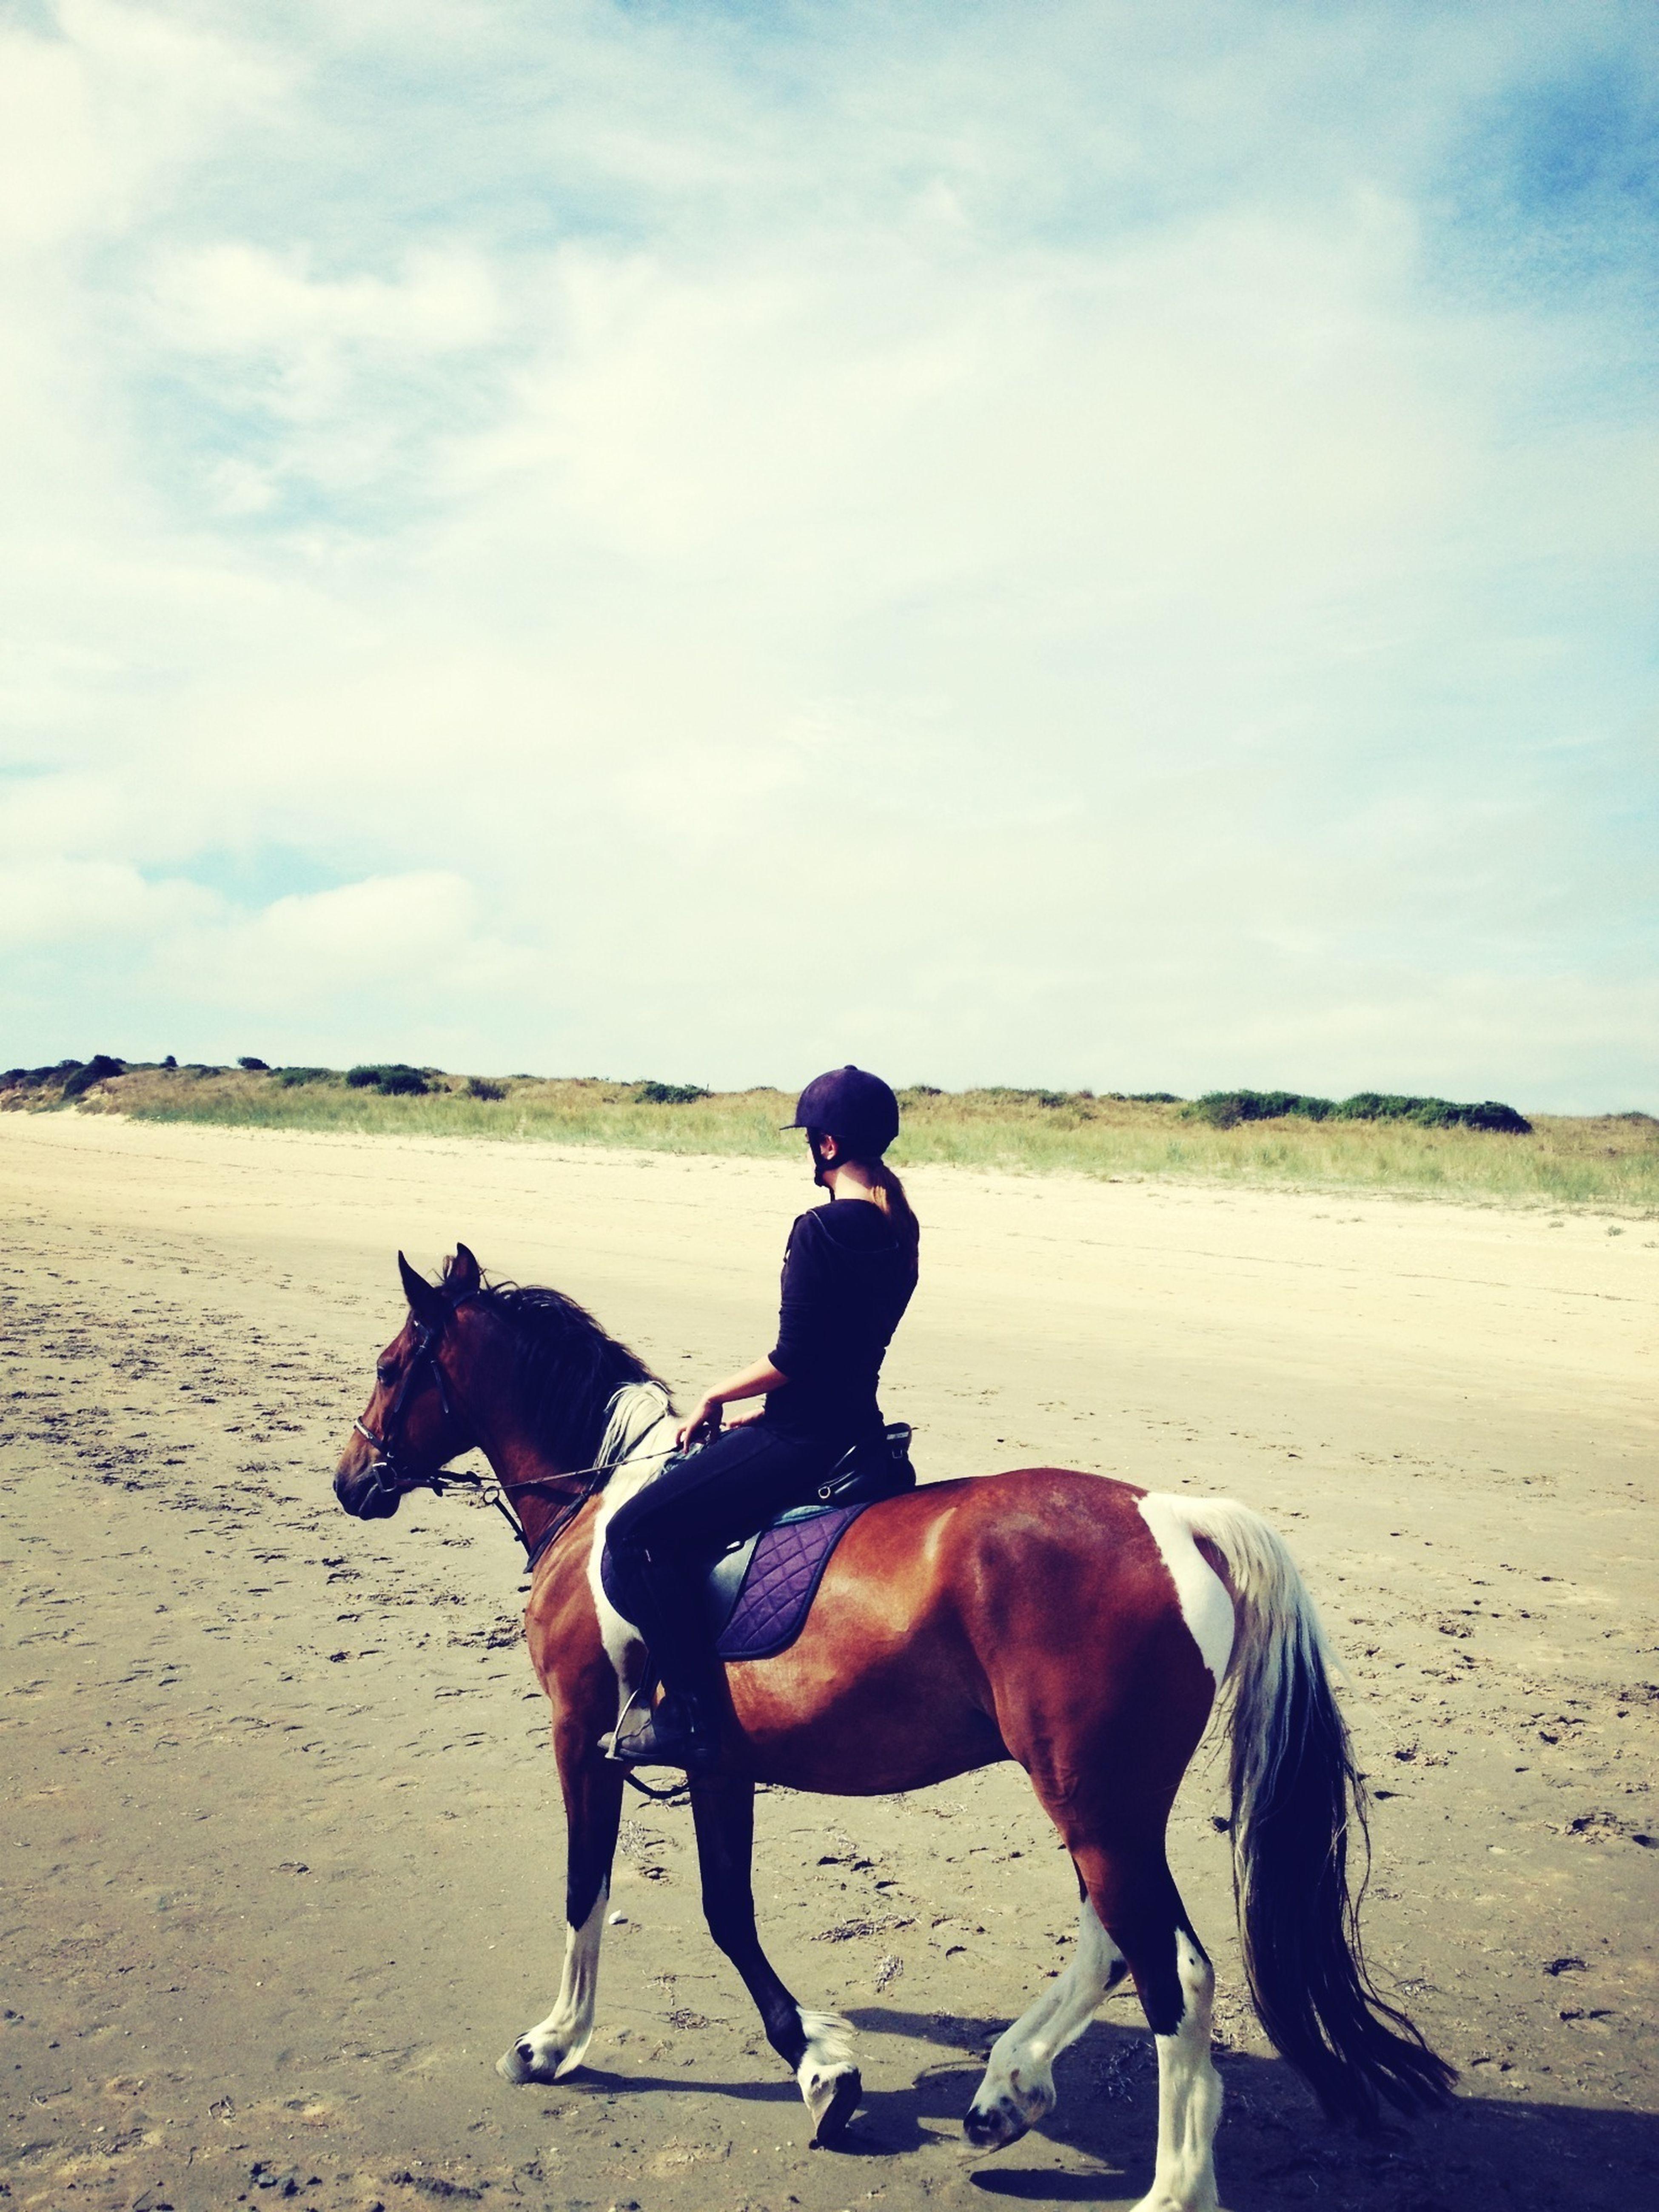 balade a cheval love ❤